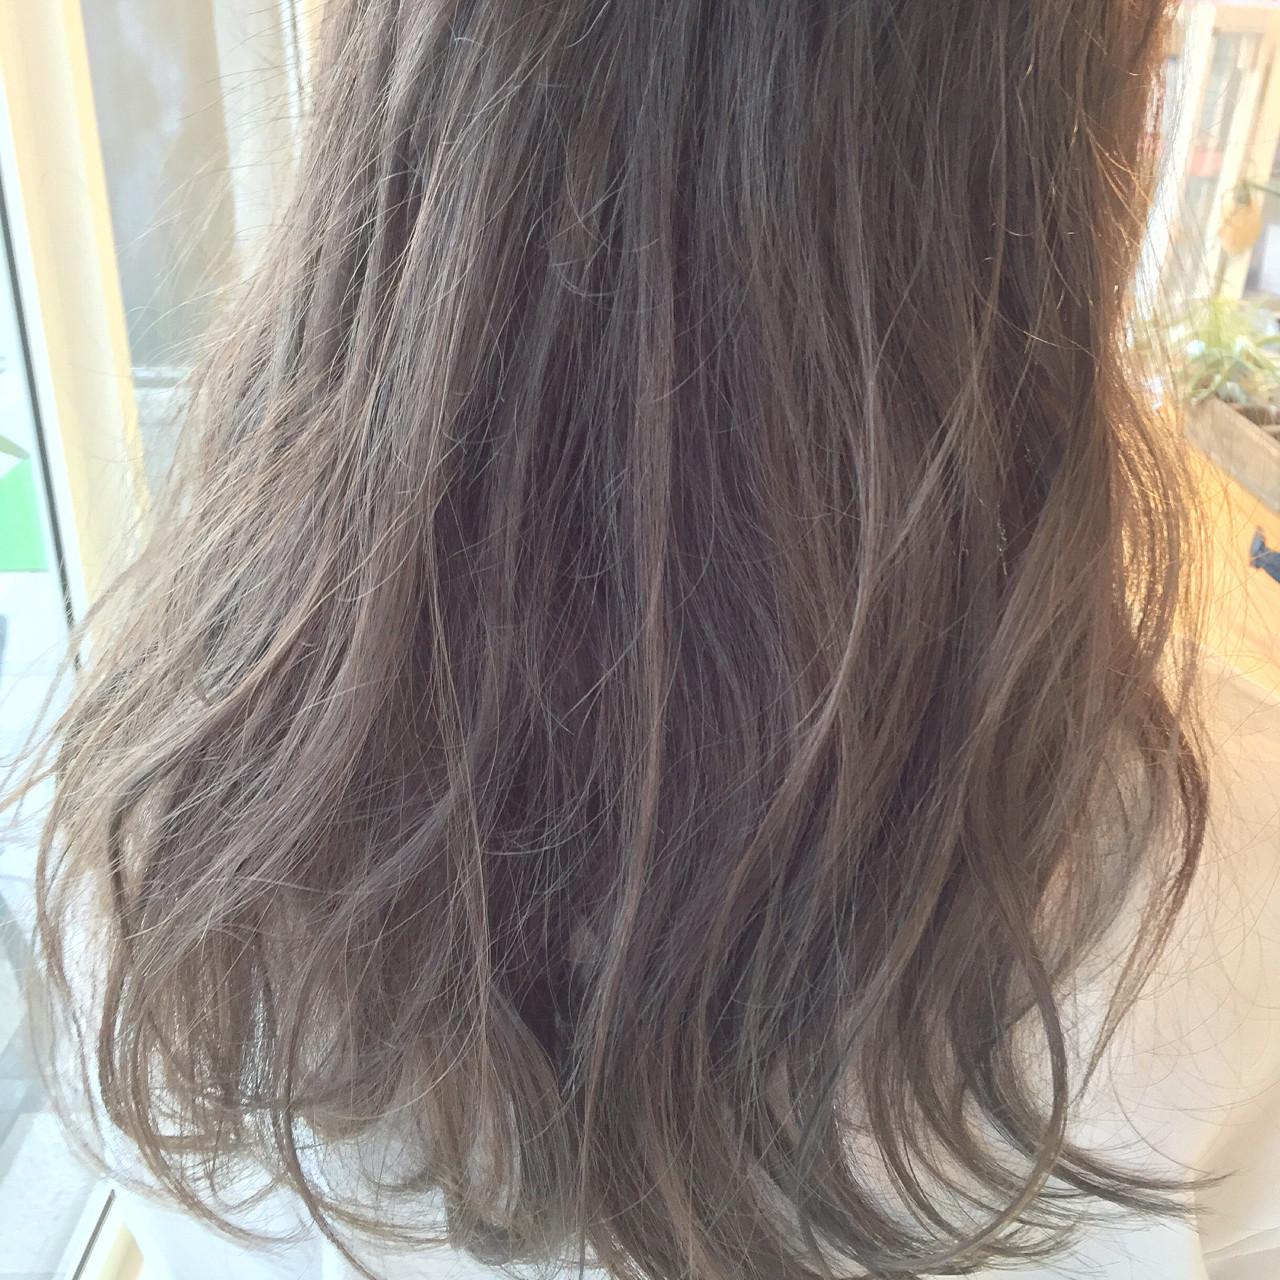 セミロング グラデーションカラー ハイライト ブラウンヘアスタイルや髪型の写真・画像